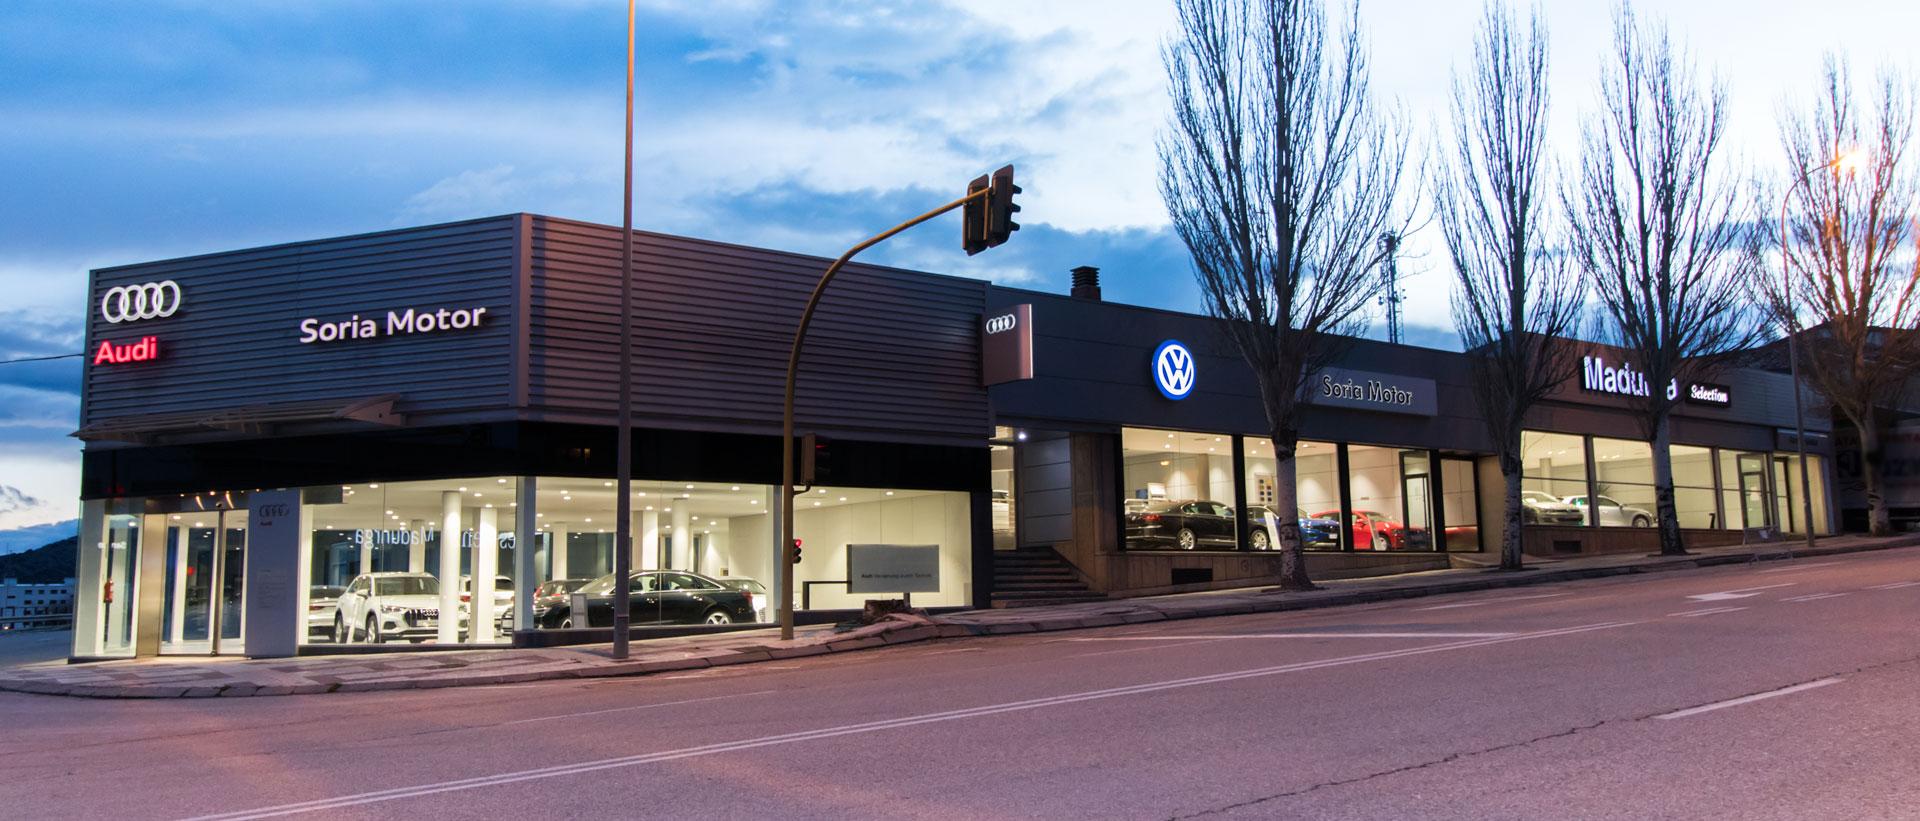 Concesionario Oficial Audi y Volkswagen en Soria